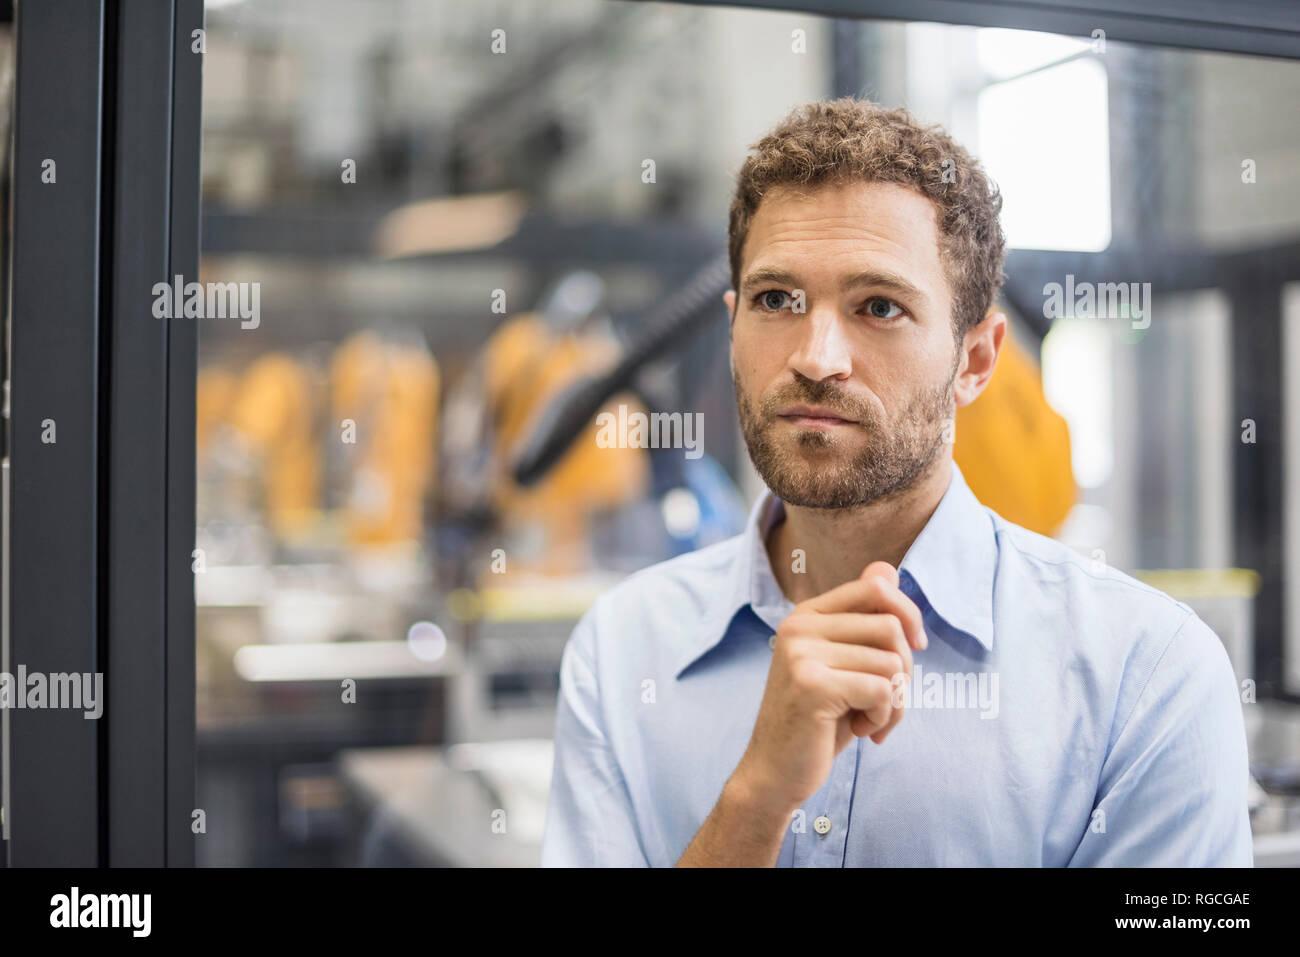 El empresario trabaja en la empresa de alta tecnología, Retrato Imagen De Stock